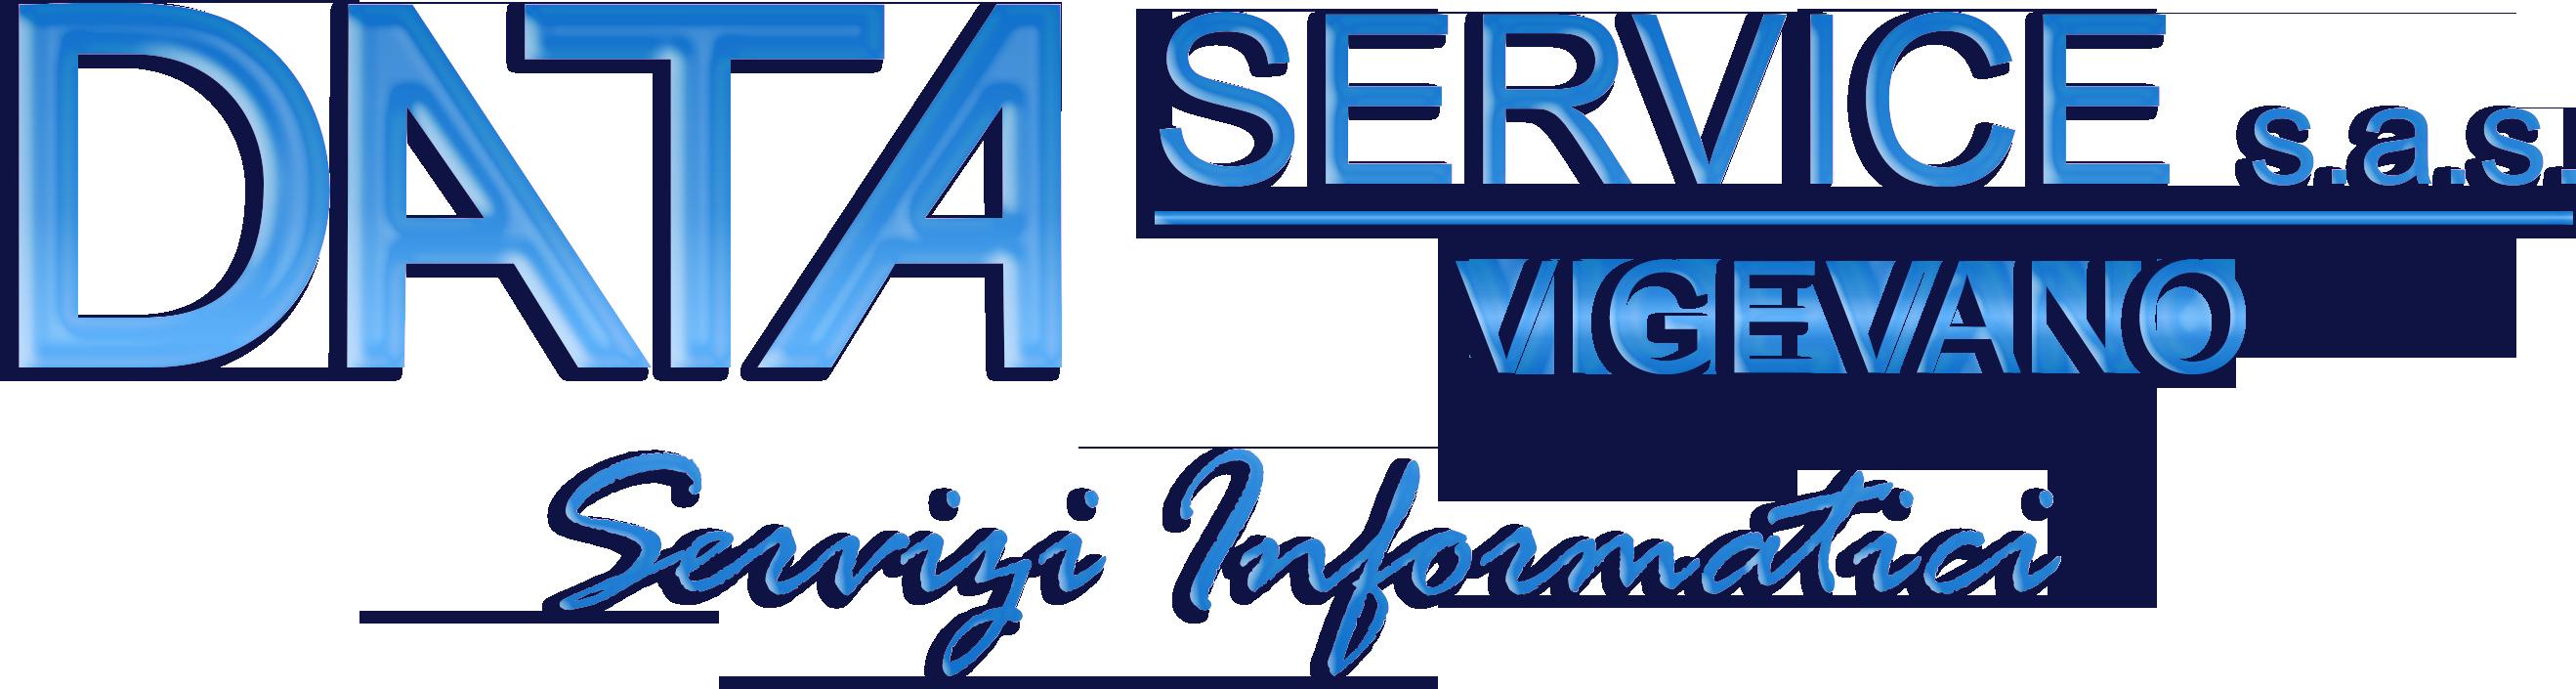 Data Service S.a.s. di Franco Castoldi  Via del Popolo,9  27029 Vigevano(PV) Italy  PARTITA IVA e COD.FISCALE:01501910184